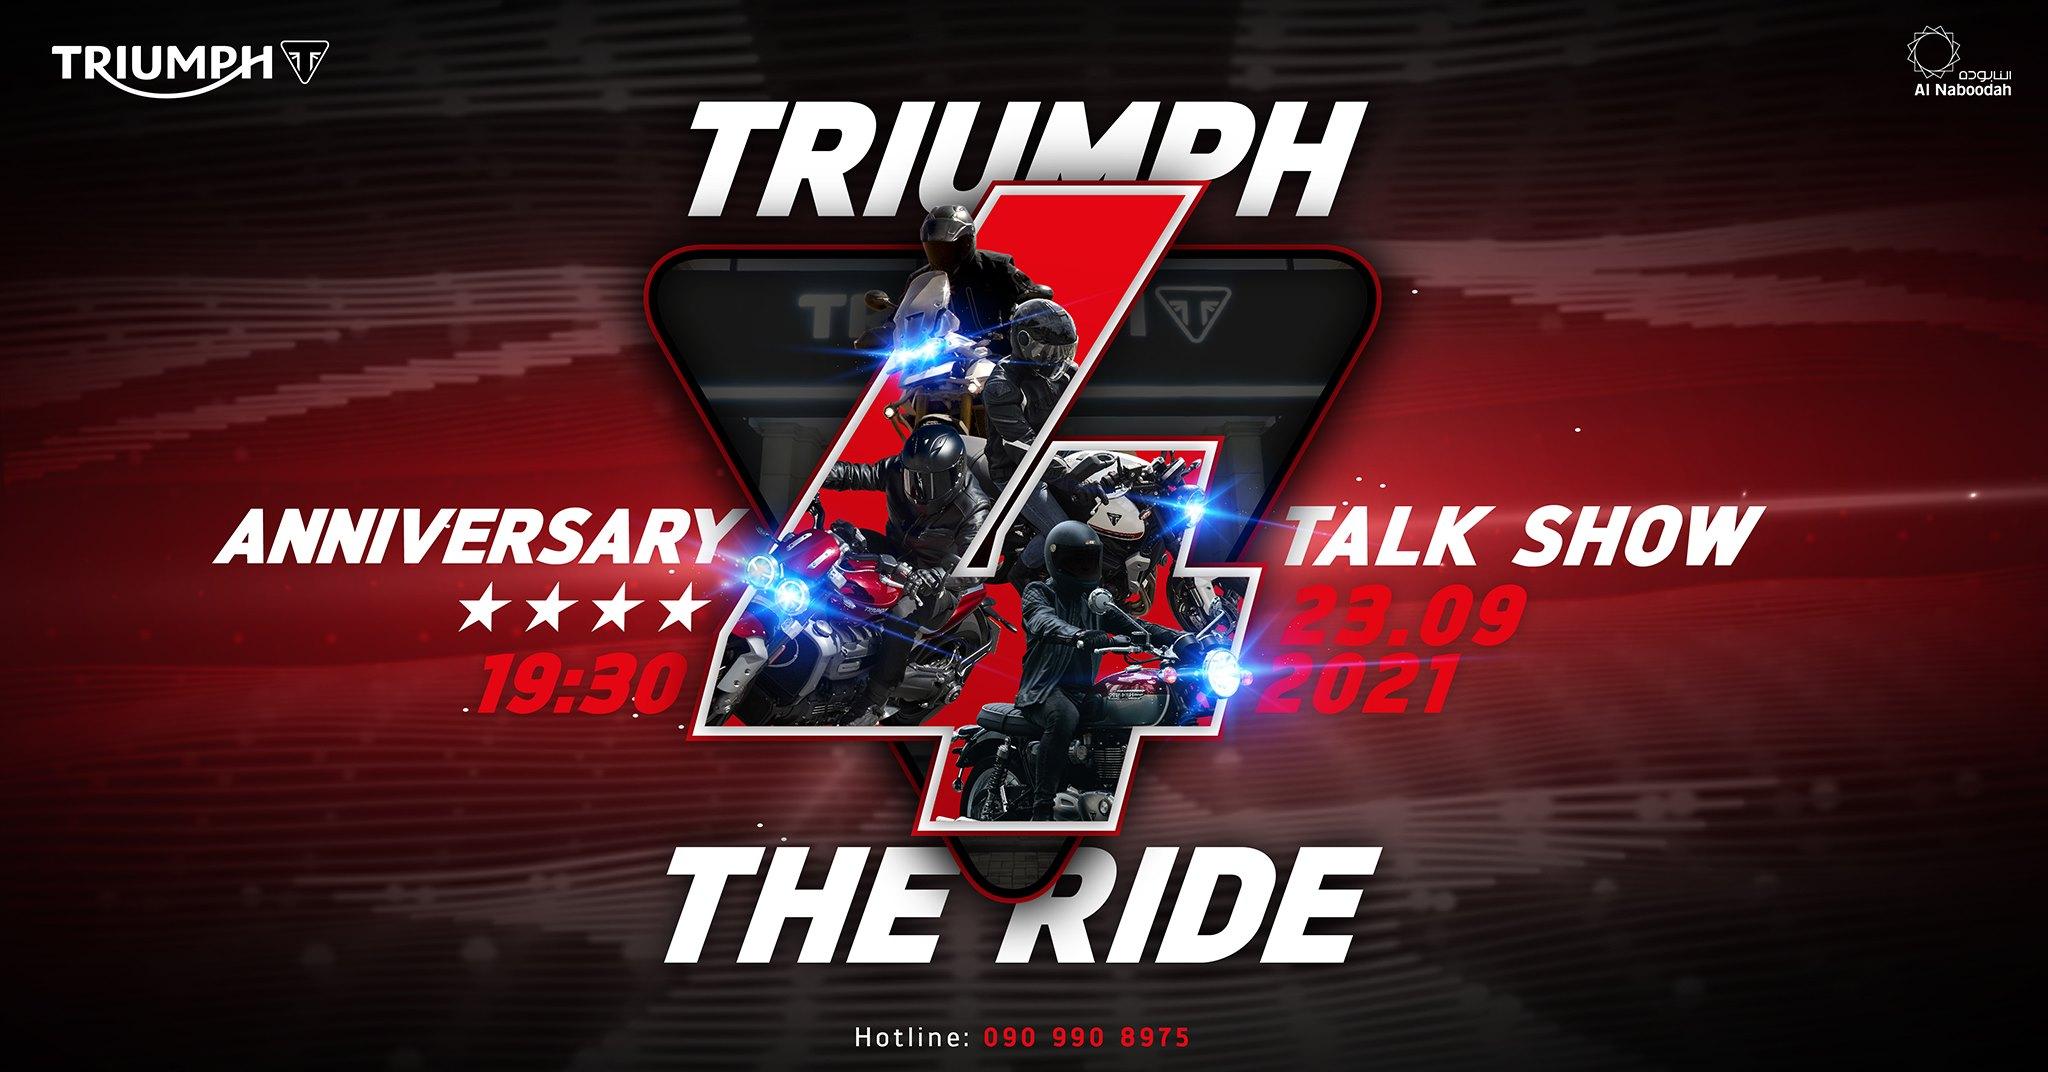 Triumph Việt Nam sẽ tiết lộ nhiều bất ngờ tại sự kiện TRIUMPH 4 THE RIDE